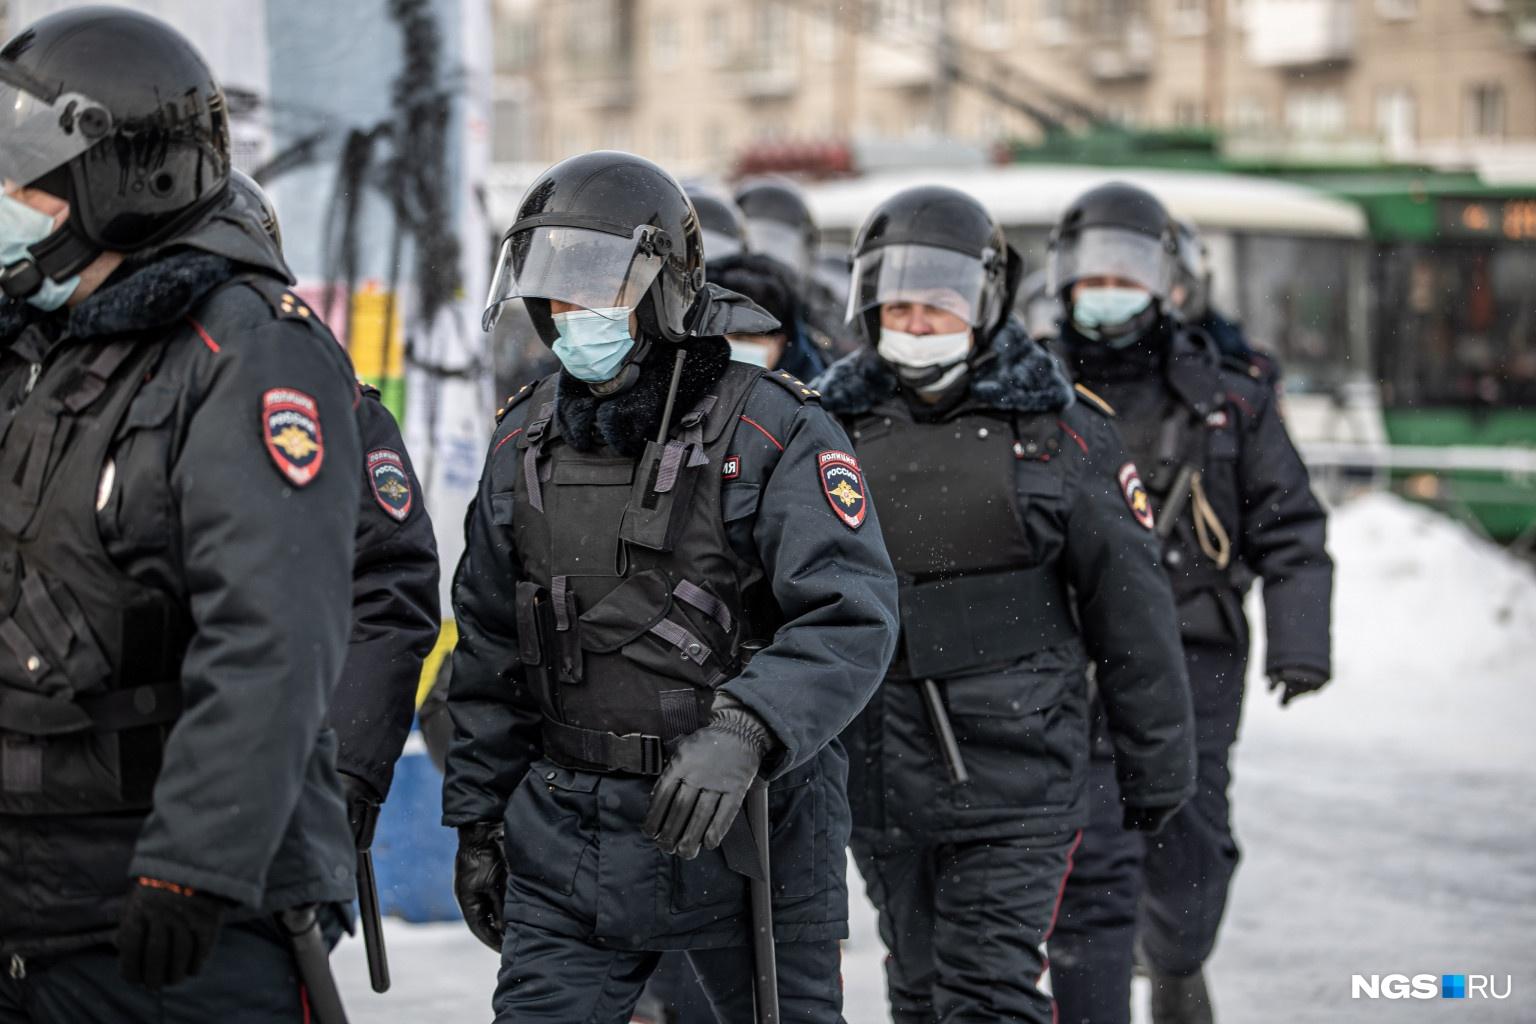 По подсчетам журналиста НГС, сегодня в центре города собралось около 500 силовиков